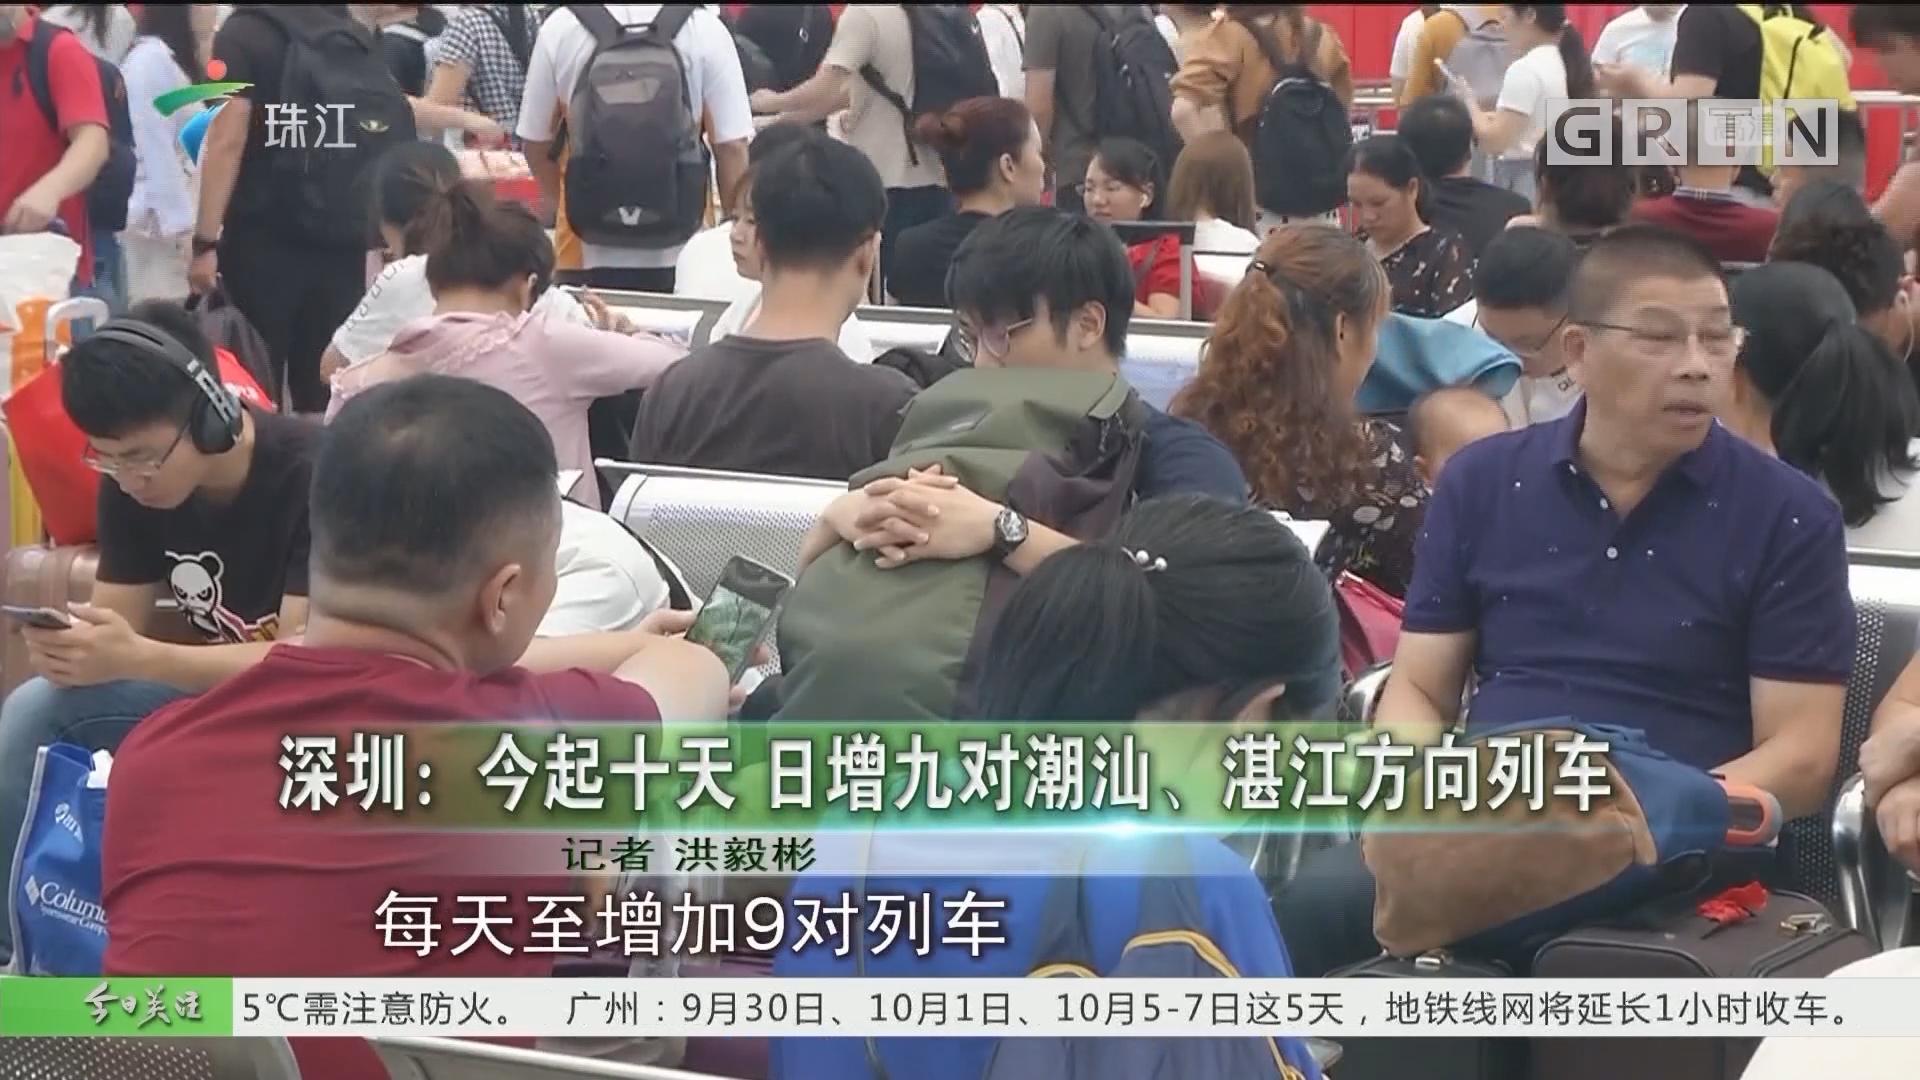 深圳:今起十天 日增九对潮汕、湛江方向列车